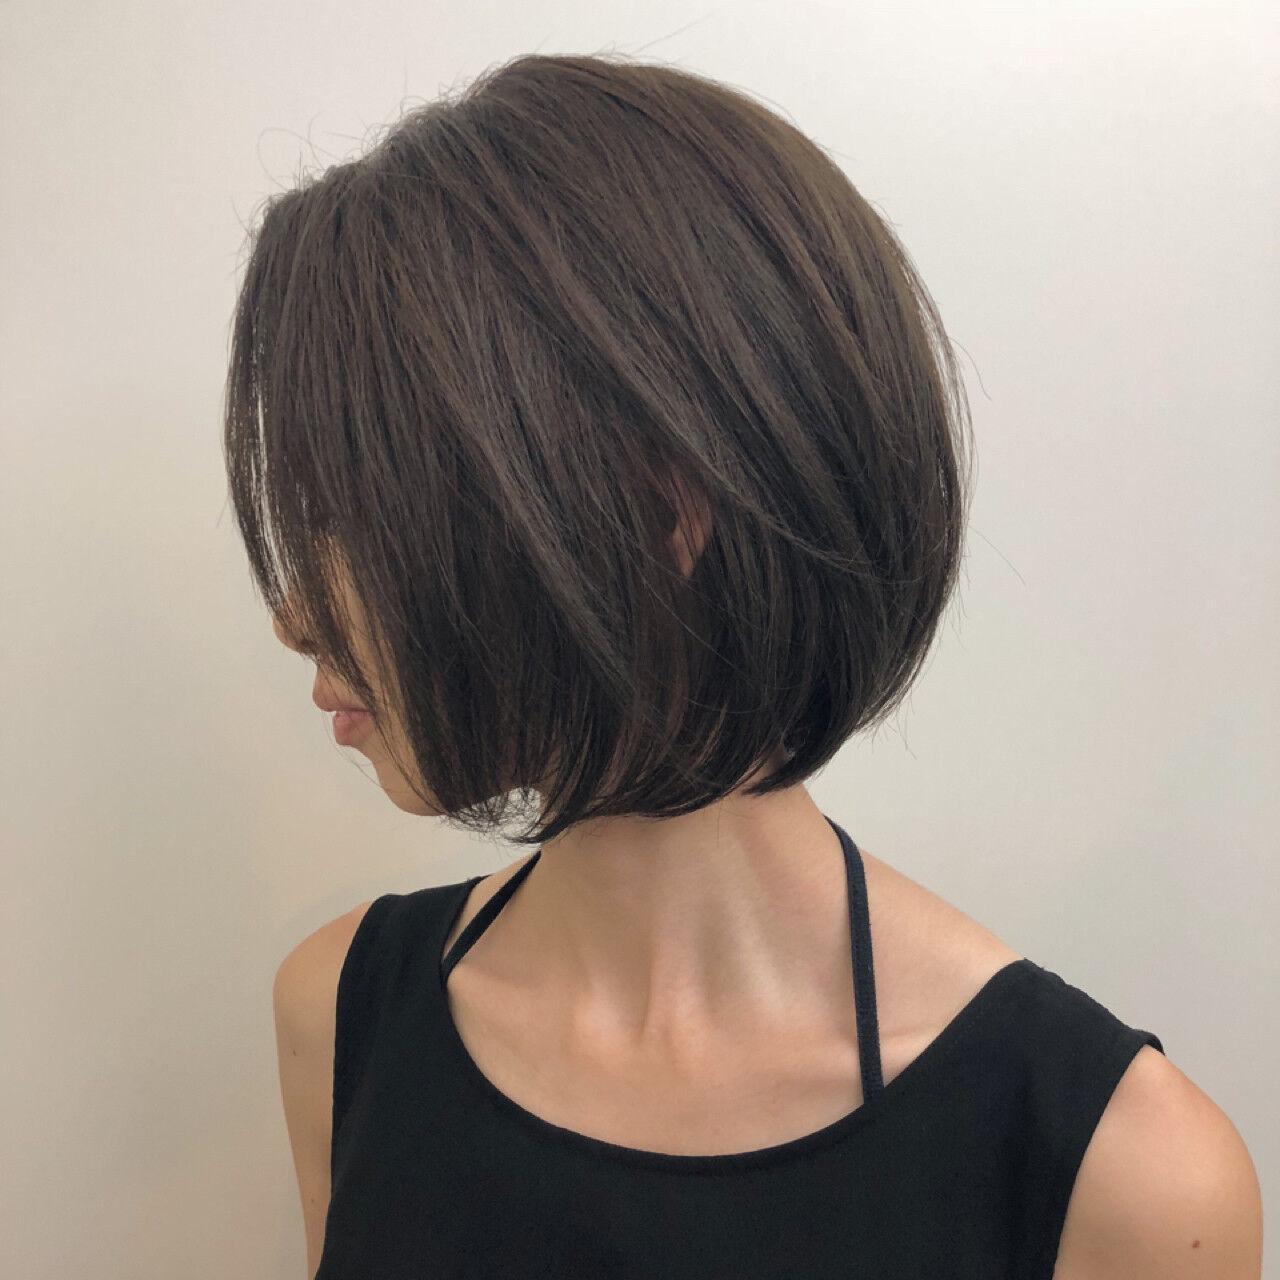 ボブ ショートボブ 大人女子 ショートヘアスタイルや髪型の写真・画像